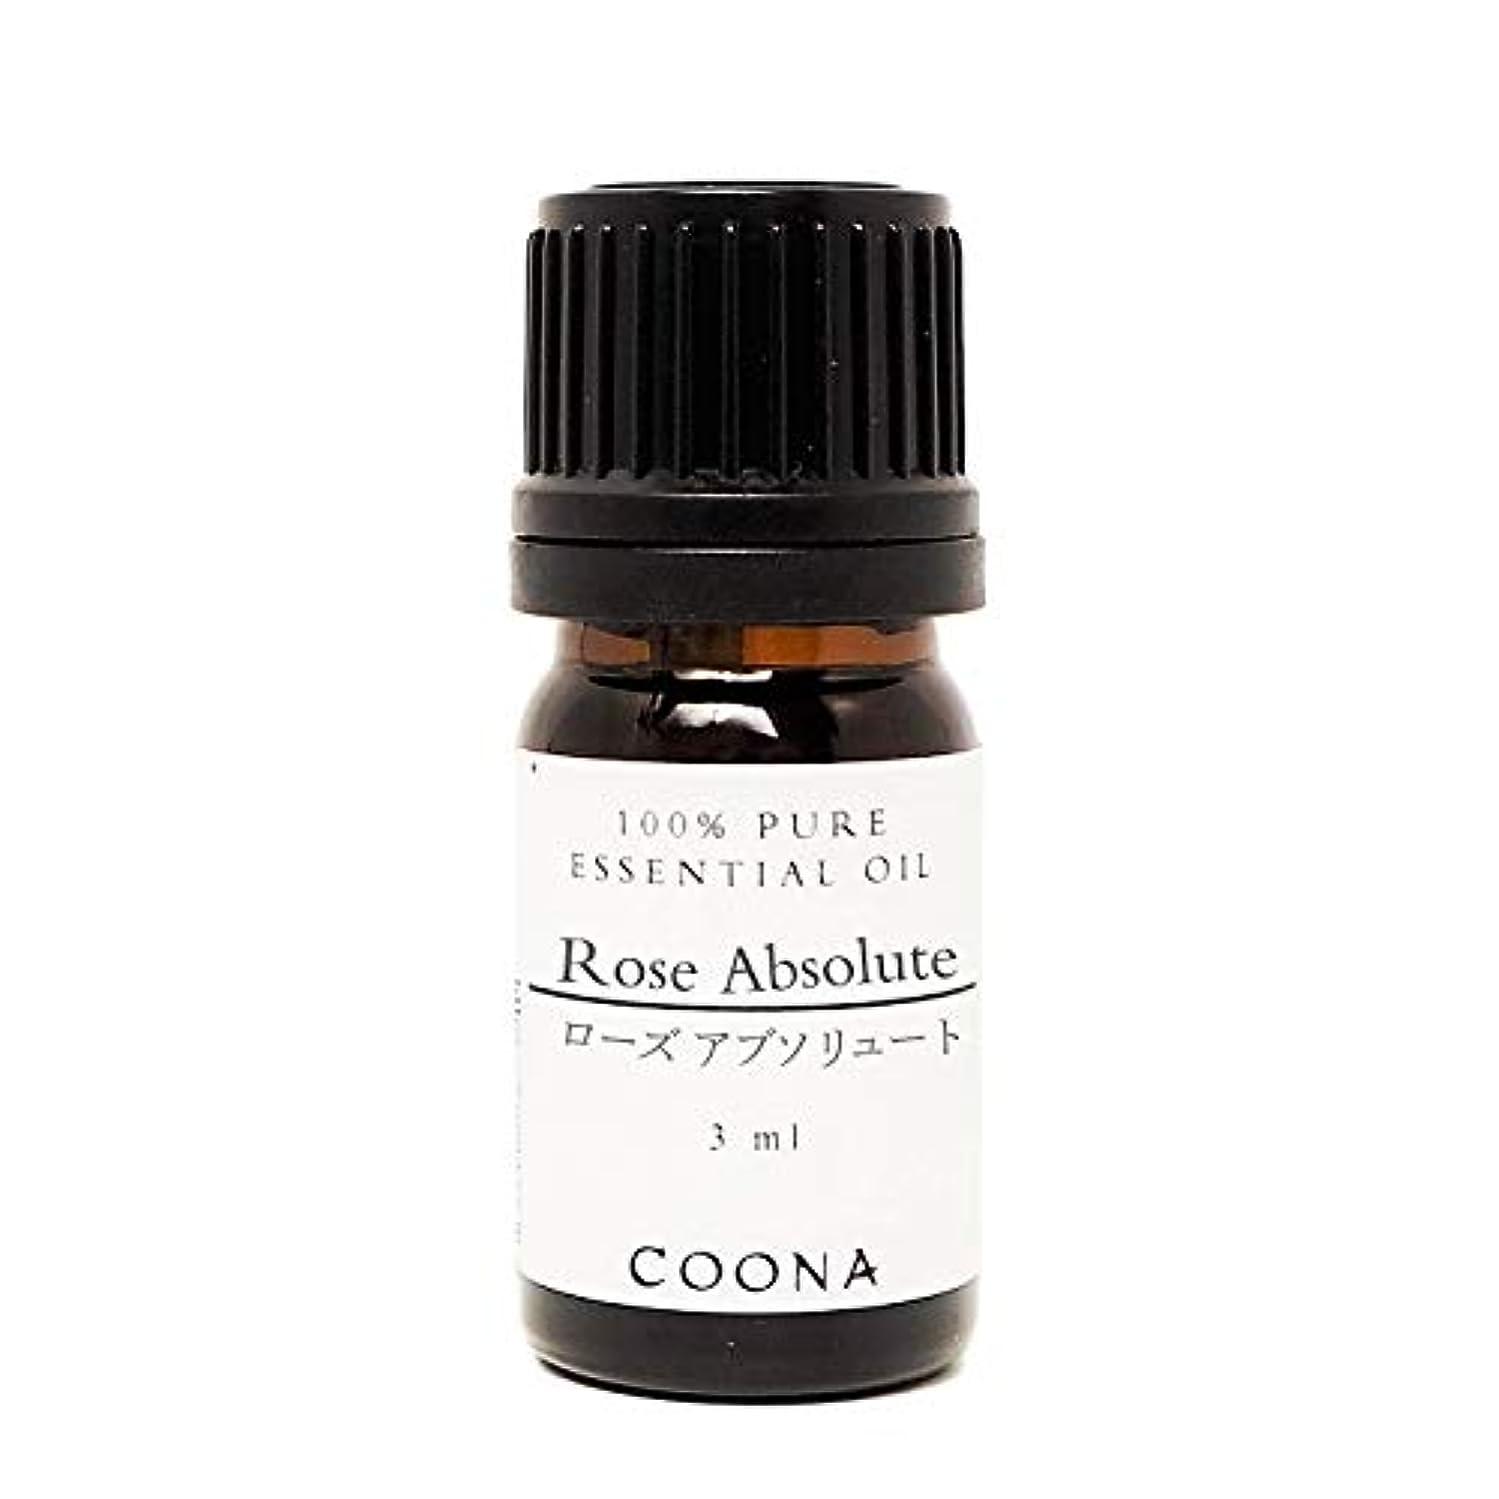 器具女性暫定のローズ アブソリュート 3 ml (COONA エッセンシャルオイル アロマオイル 精油)